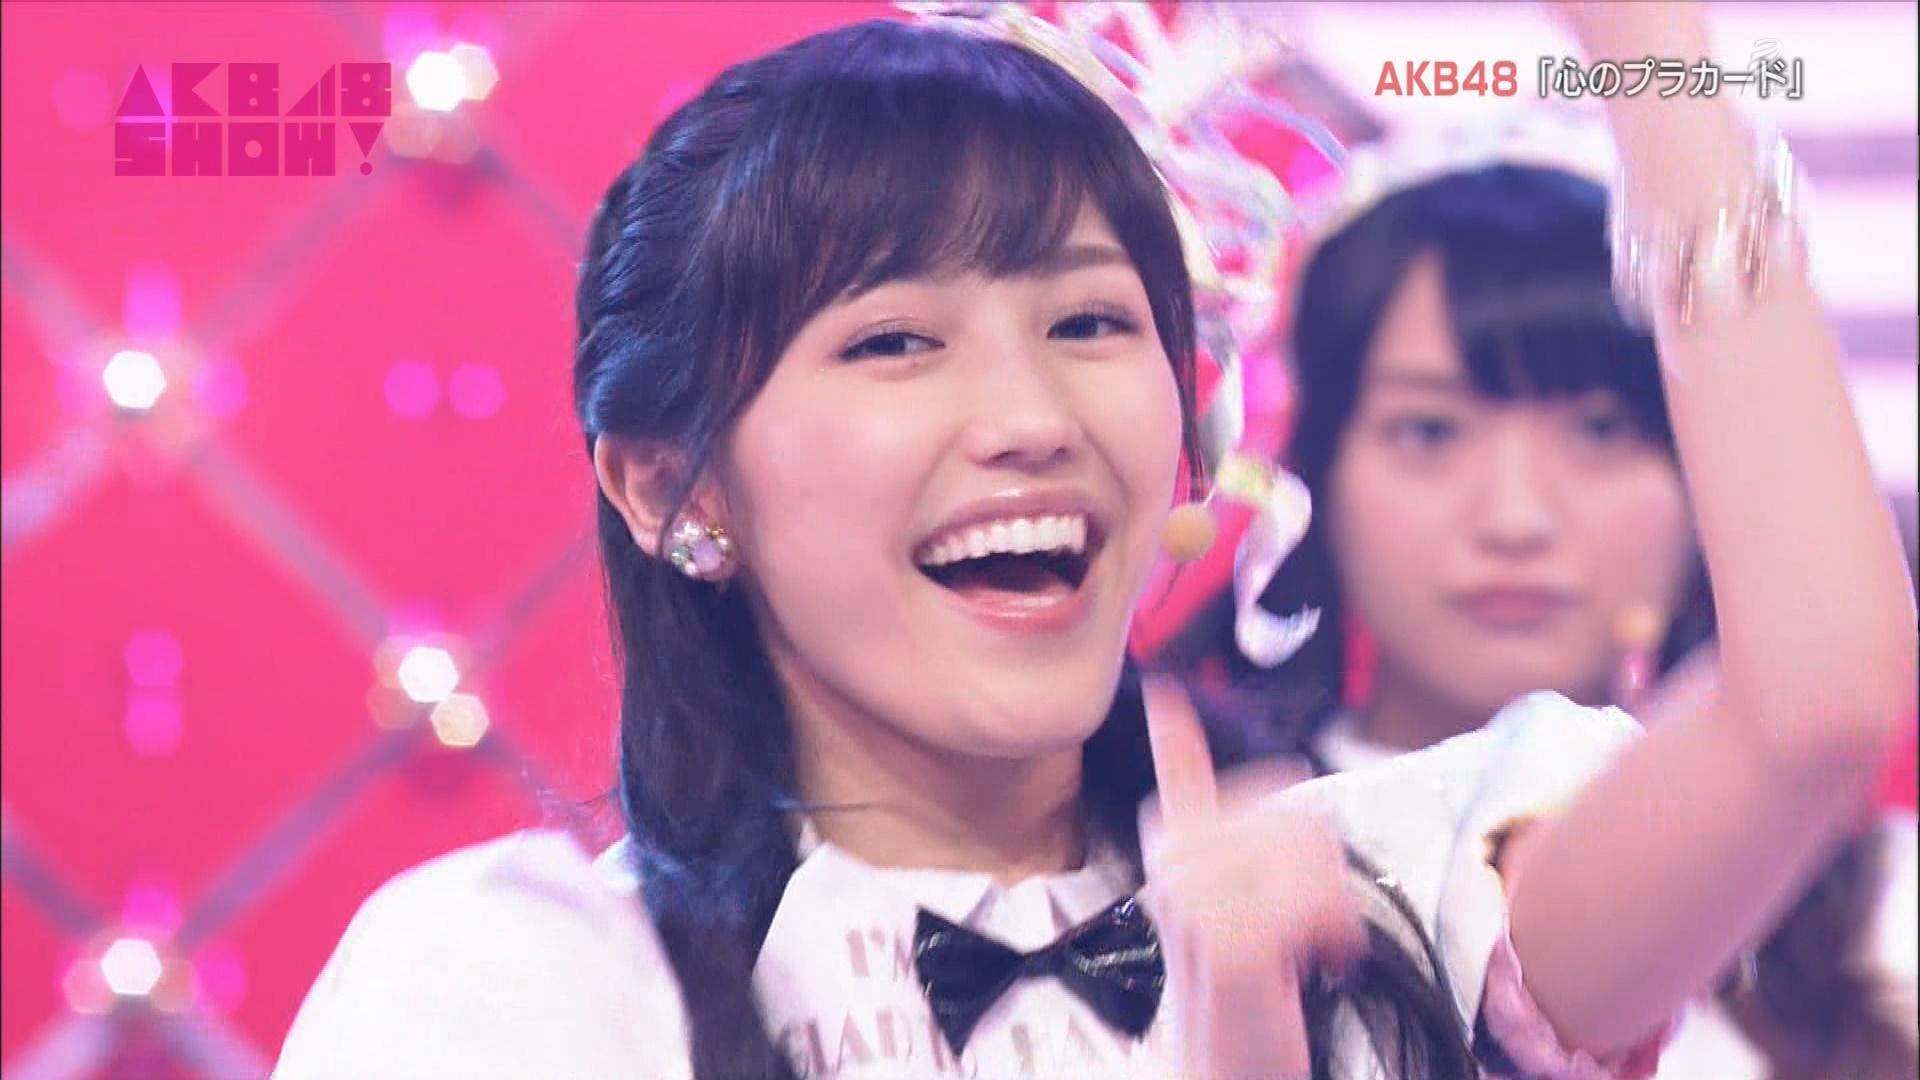 AKB48SHOW 心のプラカード 渡辺麻友 20140830 (13)